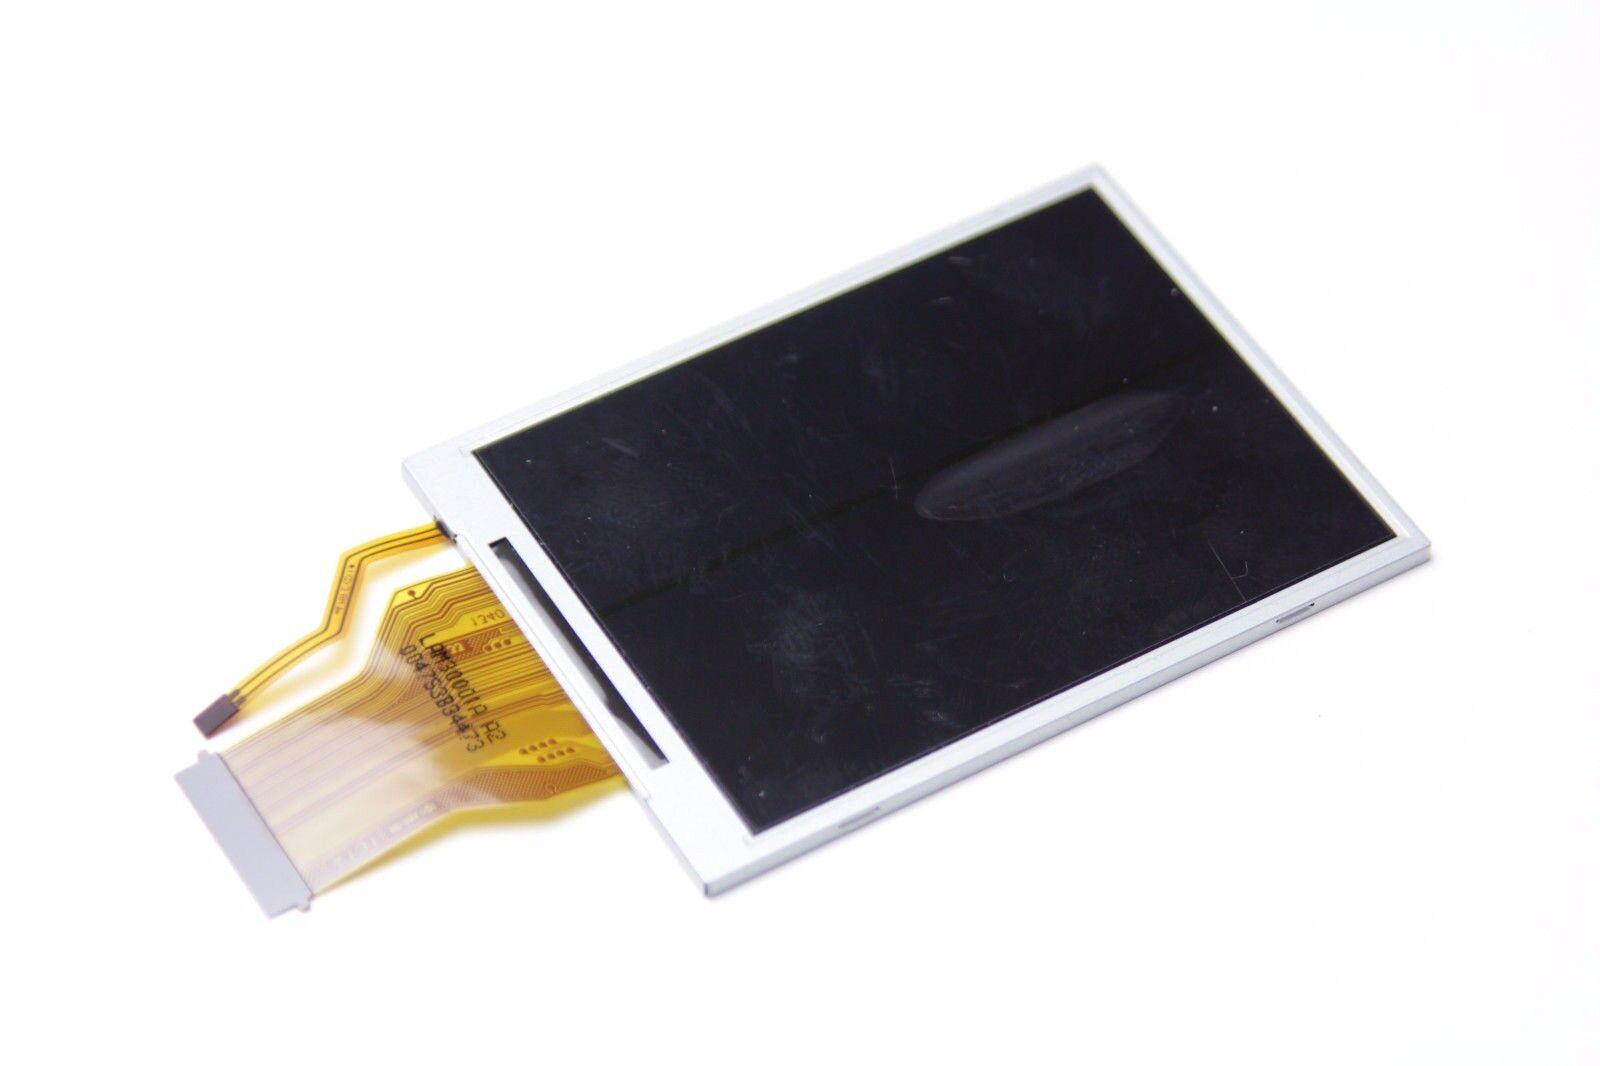 LCD Display Screen For Nikon Coolpix S9900 Digital Camera Repair Part